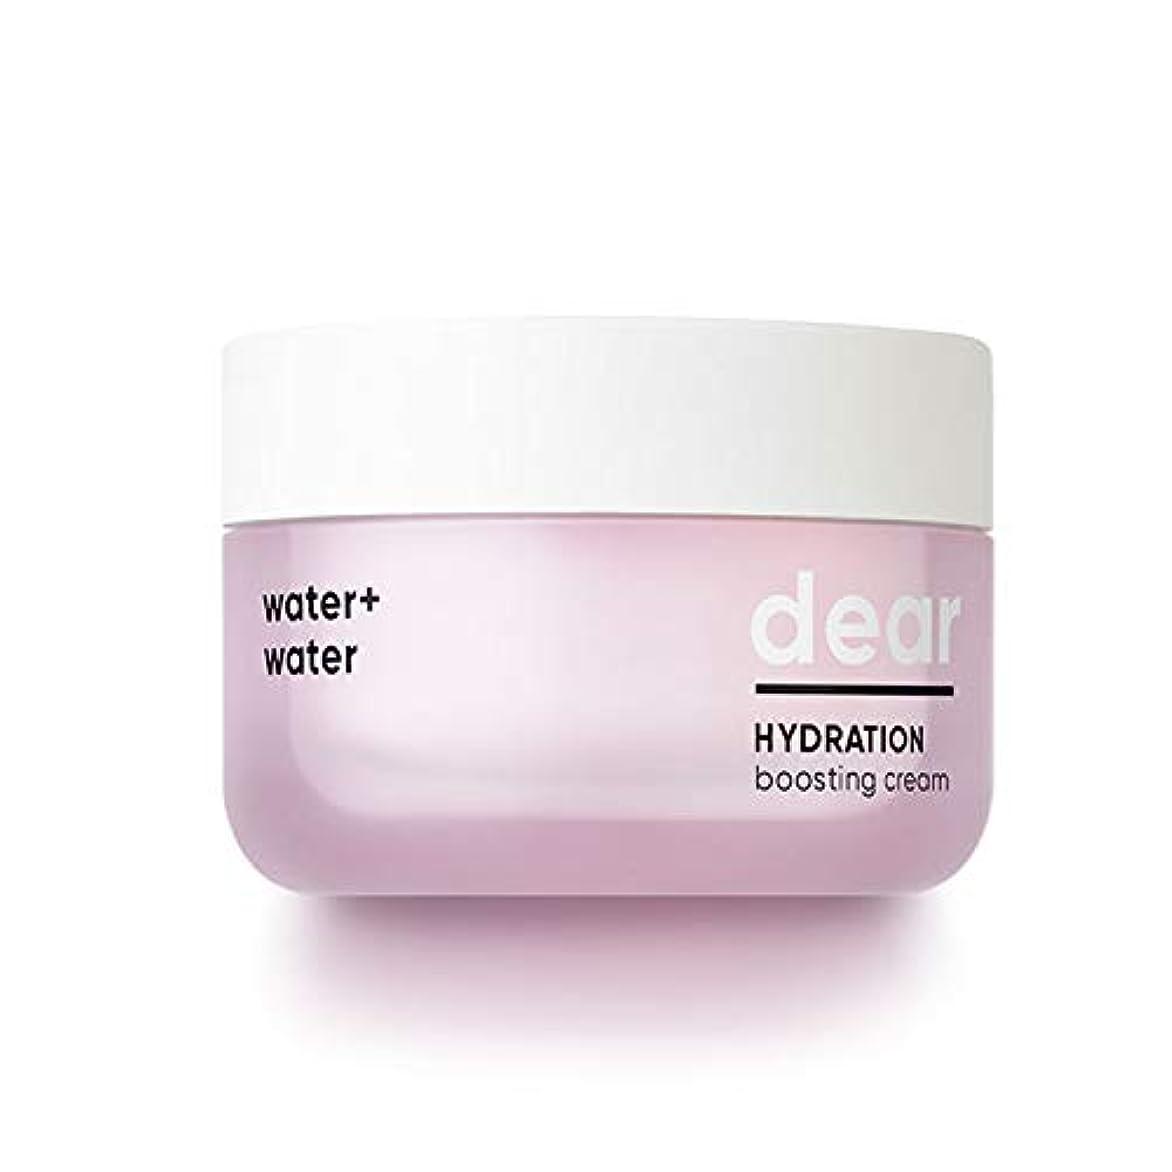 クック解放する一致BANILA CO(バニラコ) ディア ハイドレーション ブースティングクローム Dear Hydration Boosting Cream